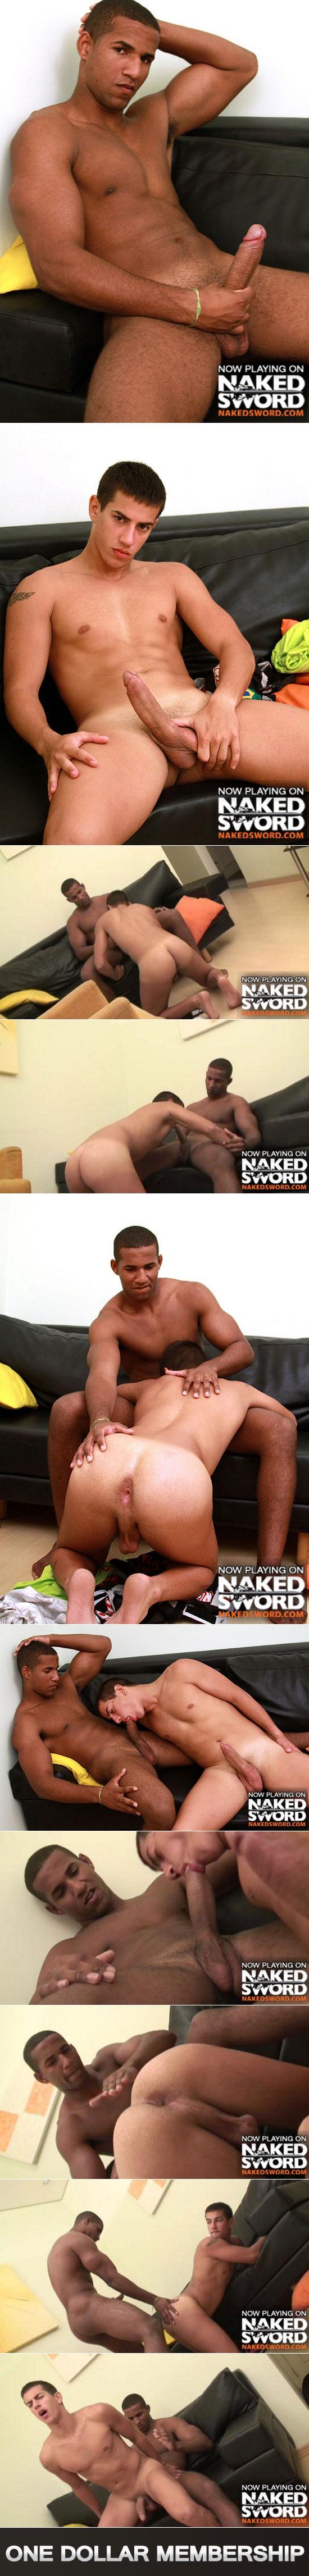 Deep Drilling at Naked Sword